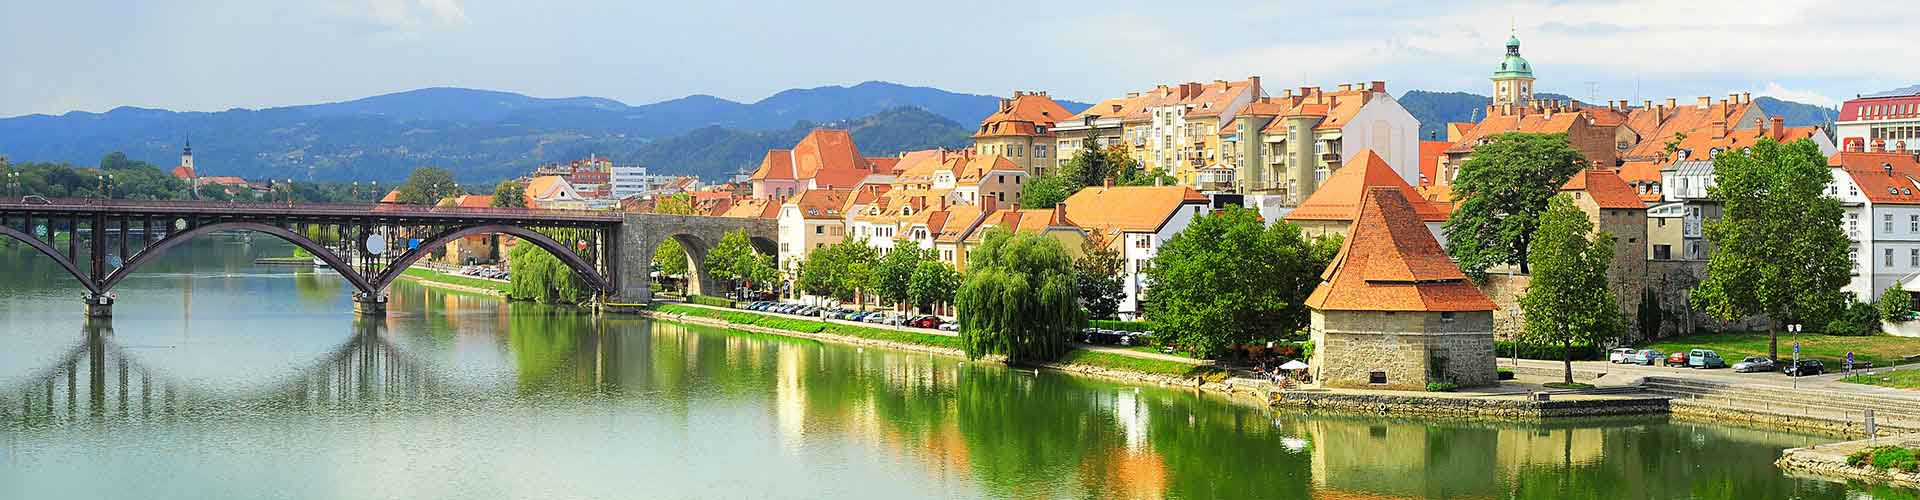 Maribor - Hostales en Maribor. Mapas de Maribor, Fotos y comentarios de cada Hostal en Maribor.